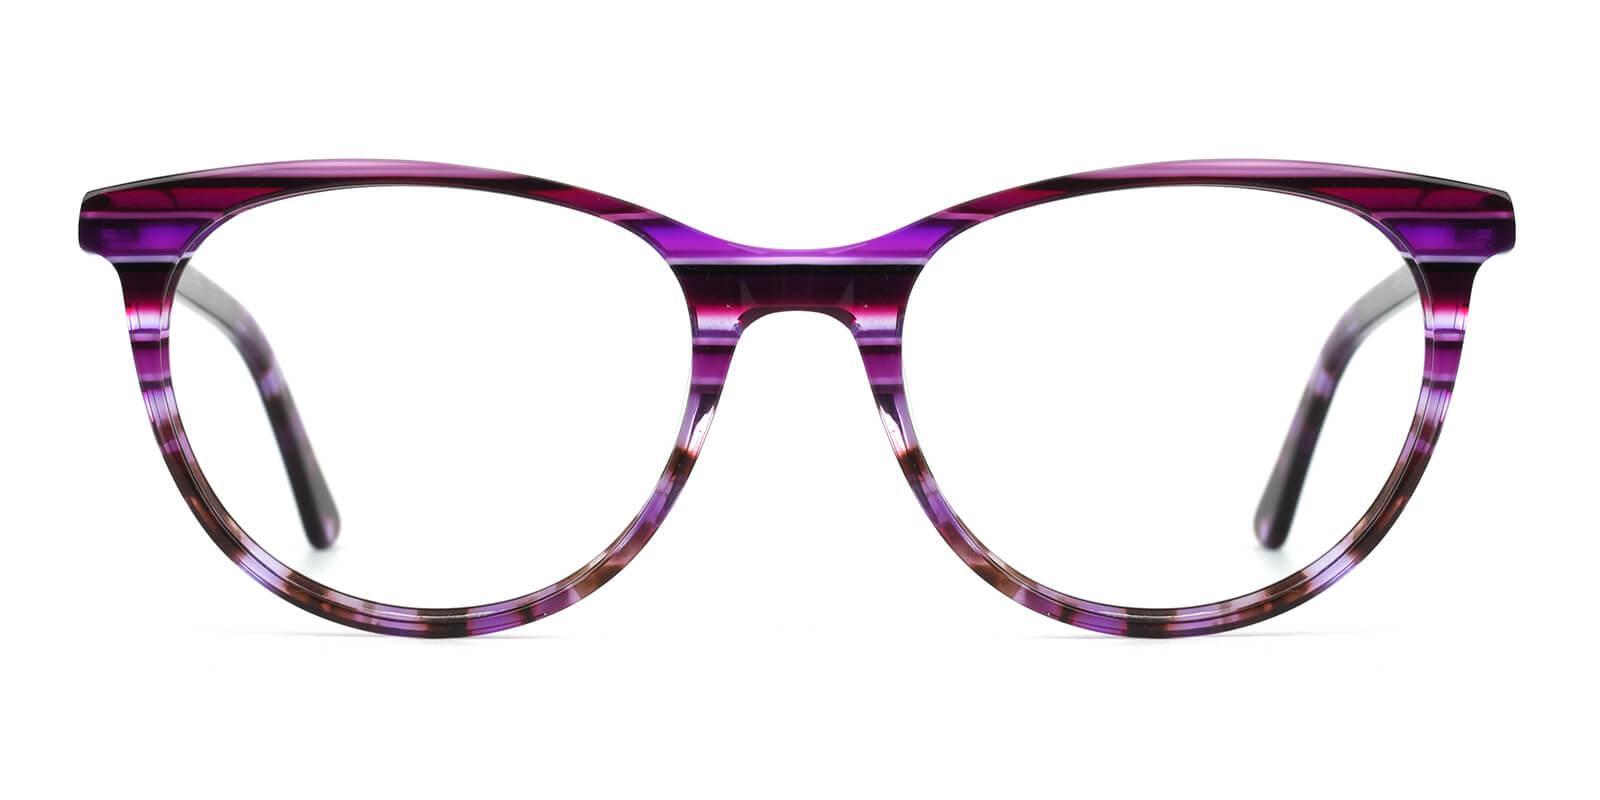 Lankas-Purple-Cat-Acetate-Eyeglasses-additional2